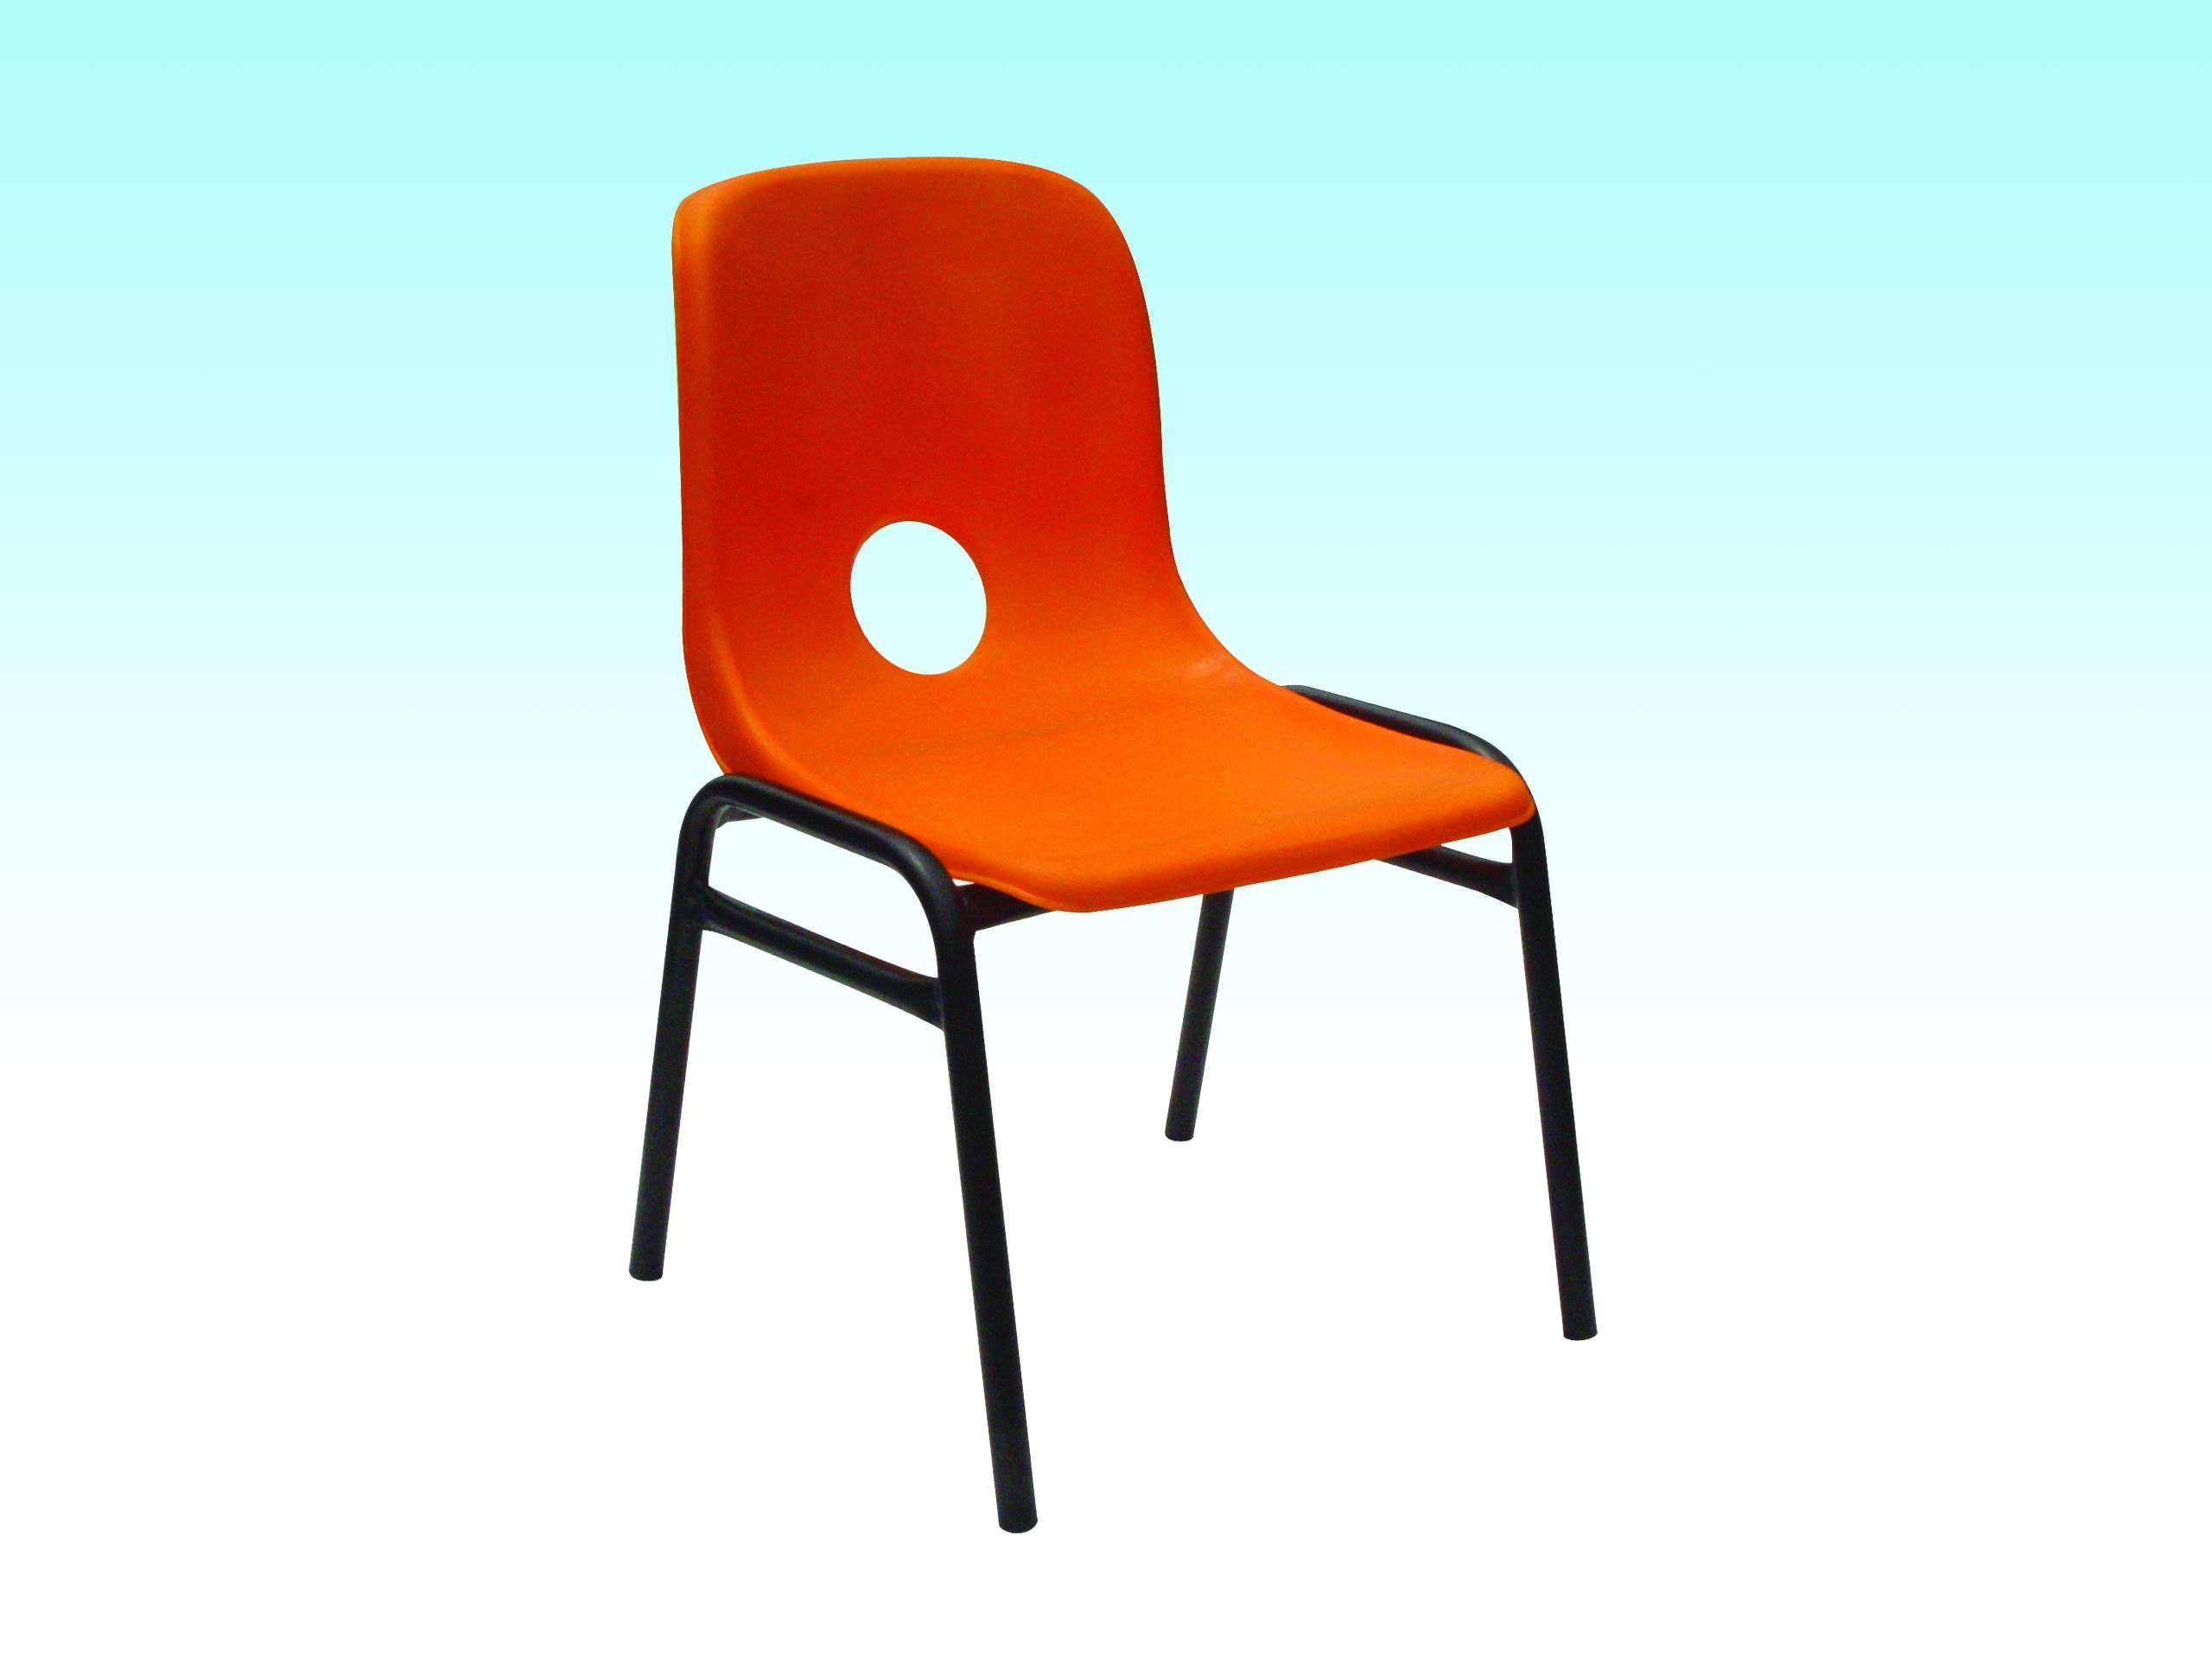 塑料家具的优点有哪些